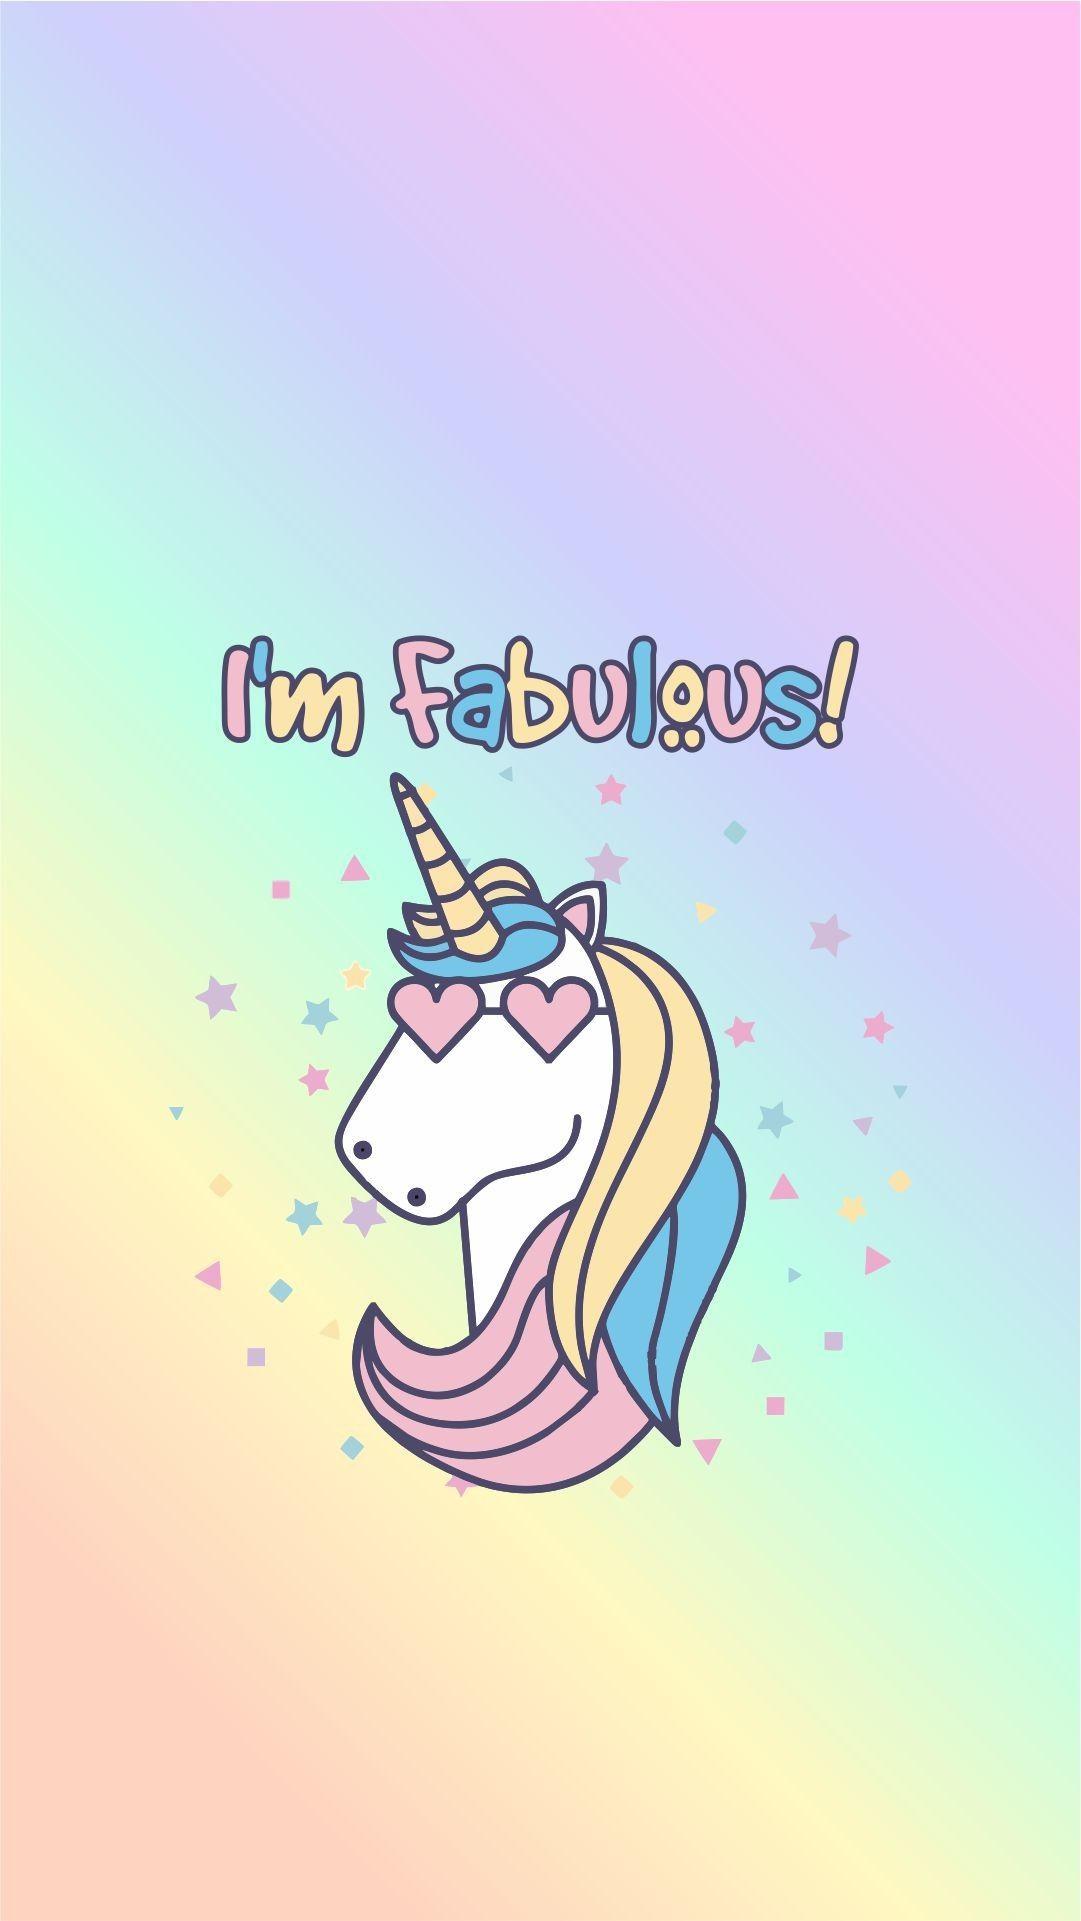 Animated Cute Unicorn Wallpaper Download Unicorn Wallpaper